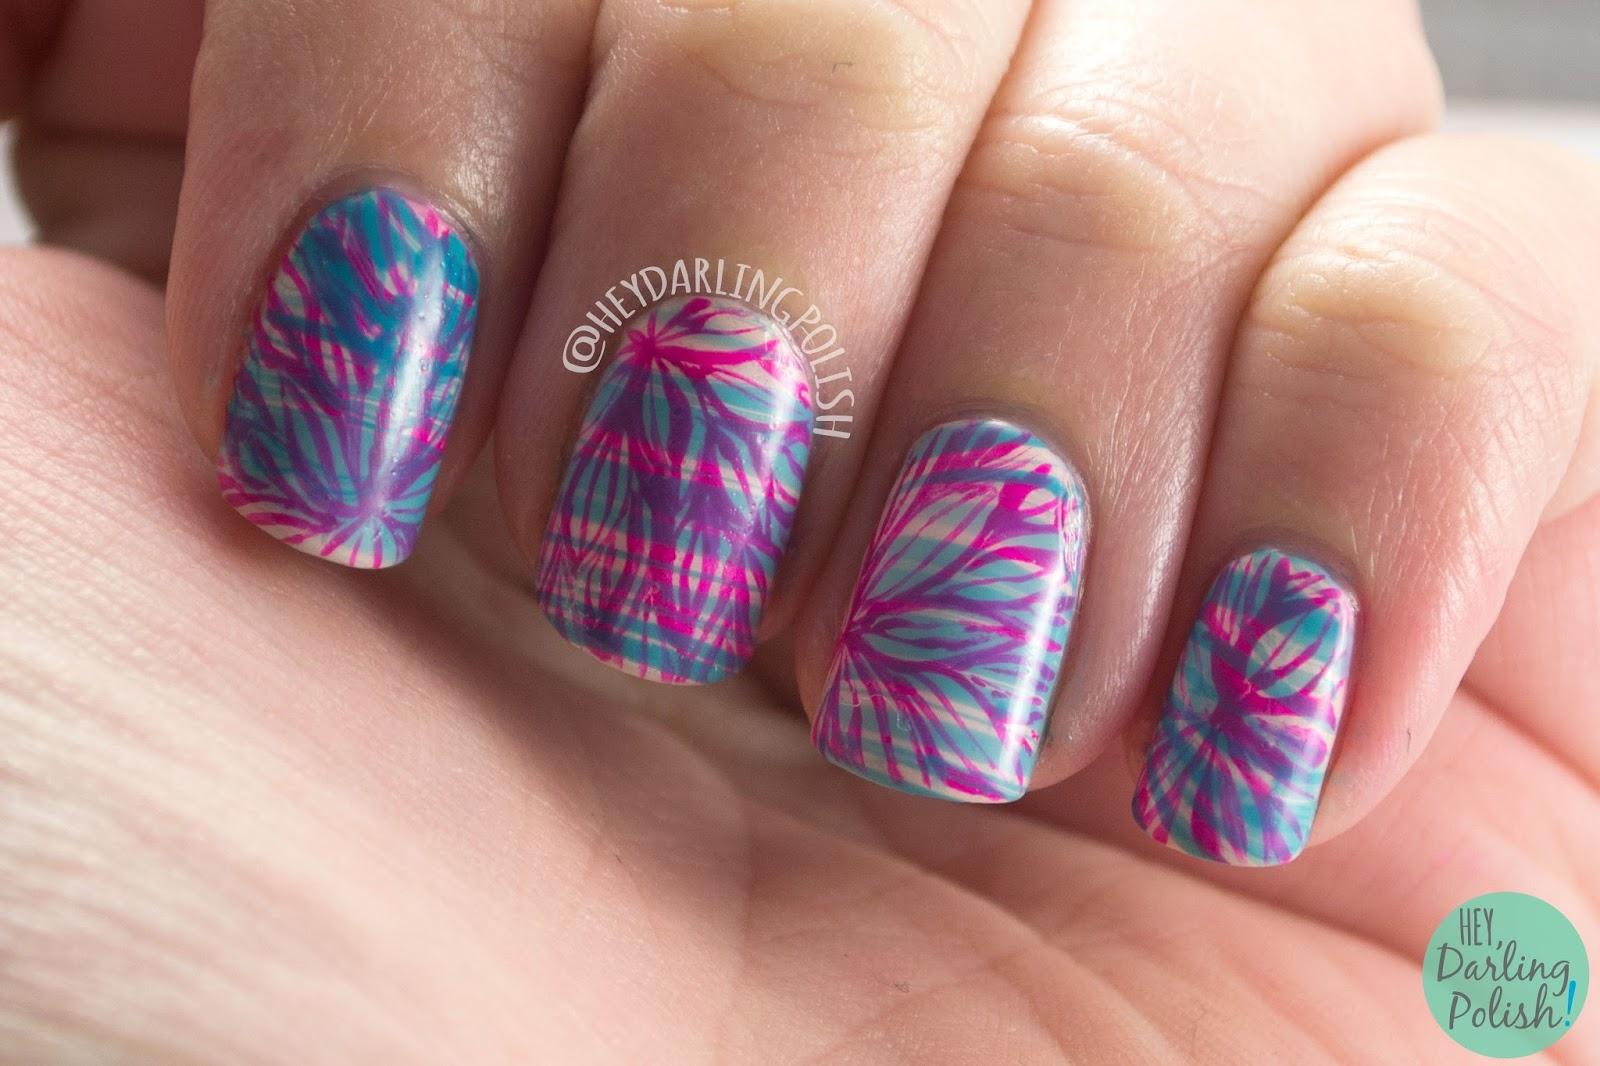 nails, nail art, nail polish, floral, watermarble, hey darling polish, 2015 cnt 31 day challenge, pink, blue